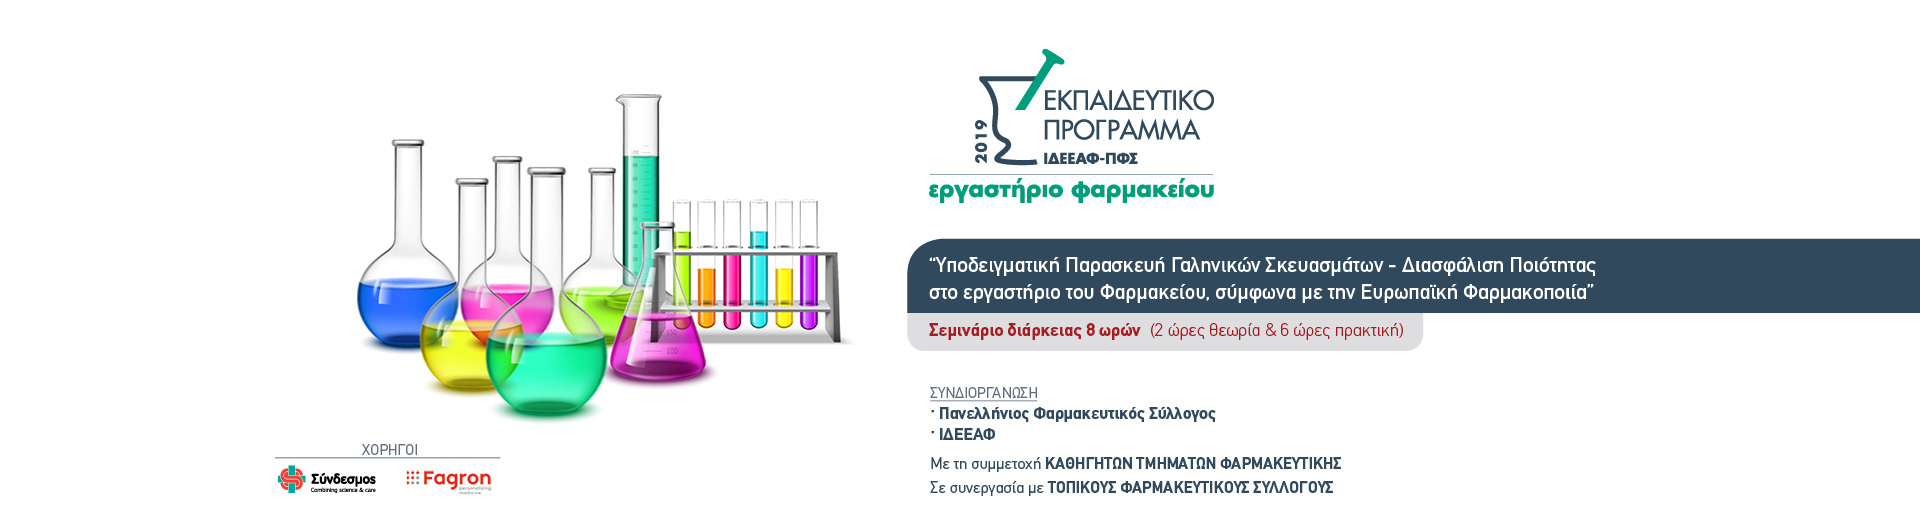 Σεμινάρια Εργαστήριο Φαρμακείου